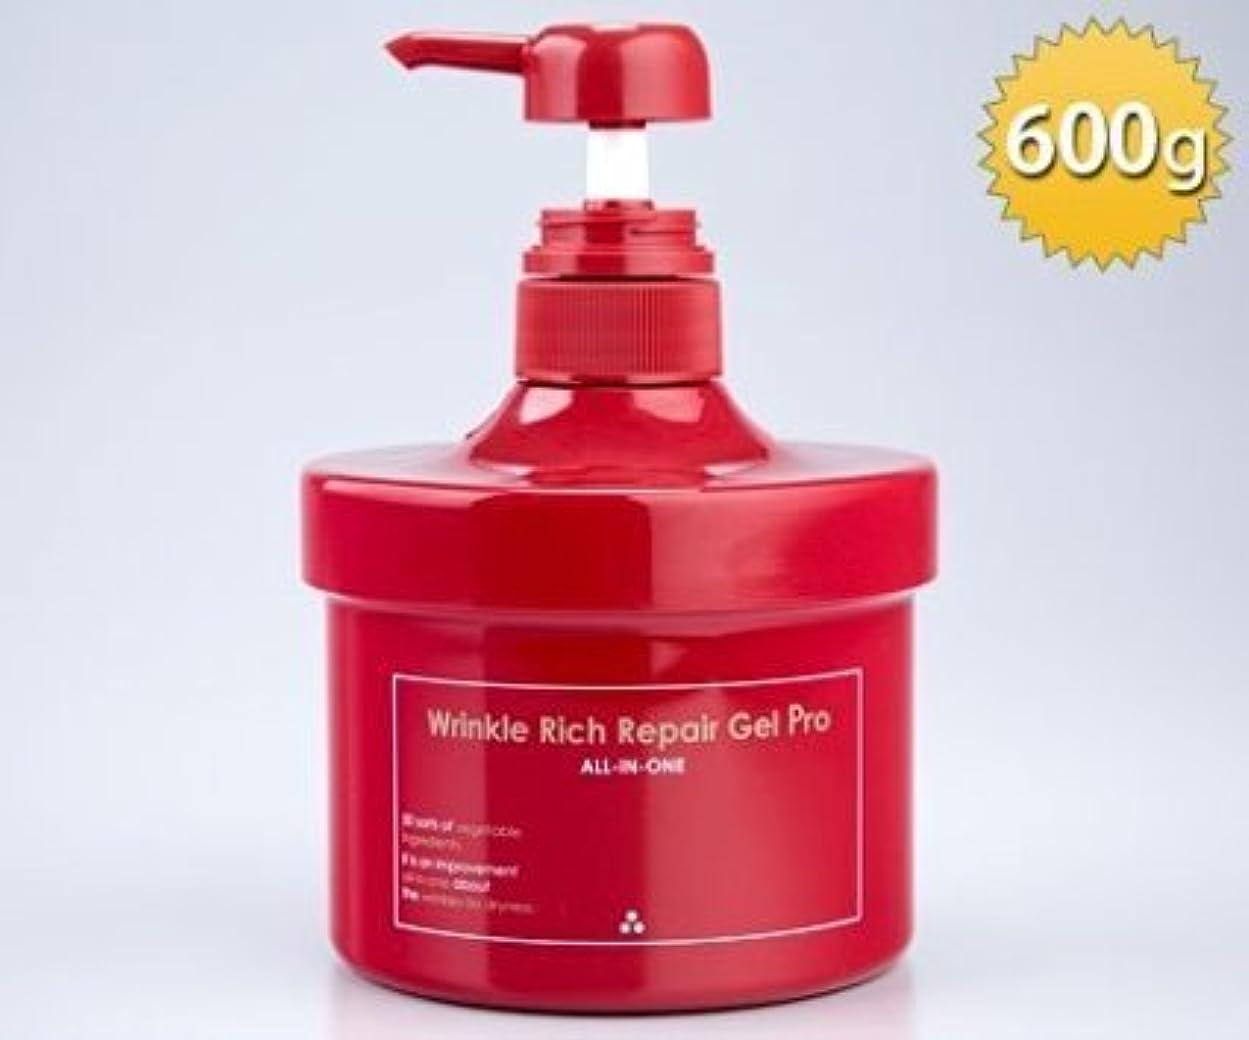 略すテント数値リンクルリッチリペアゲル プロ 保湿ゲルクリーム ポンプ式 大容量600g